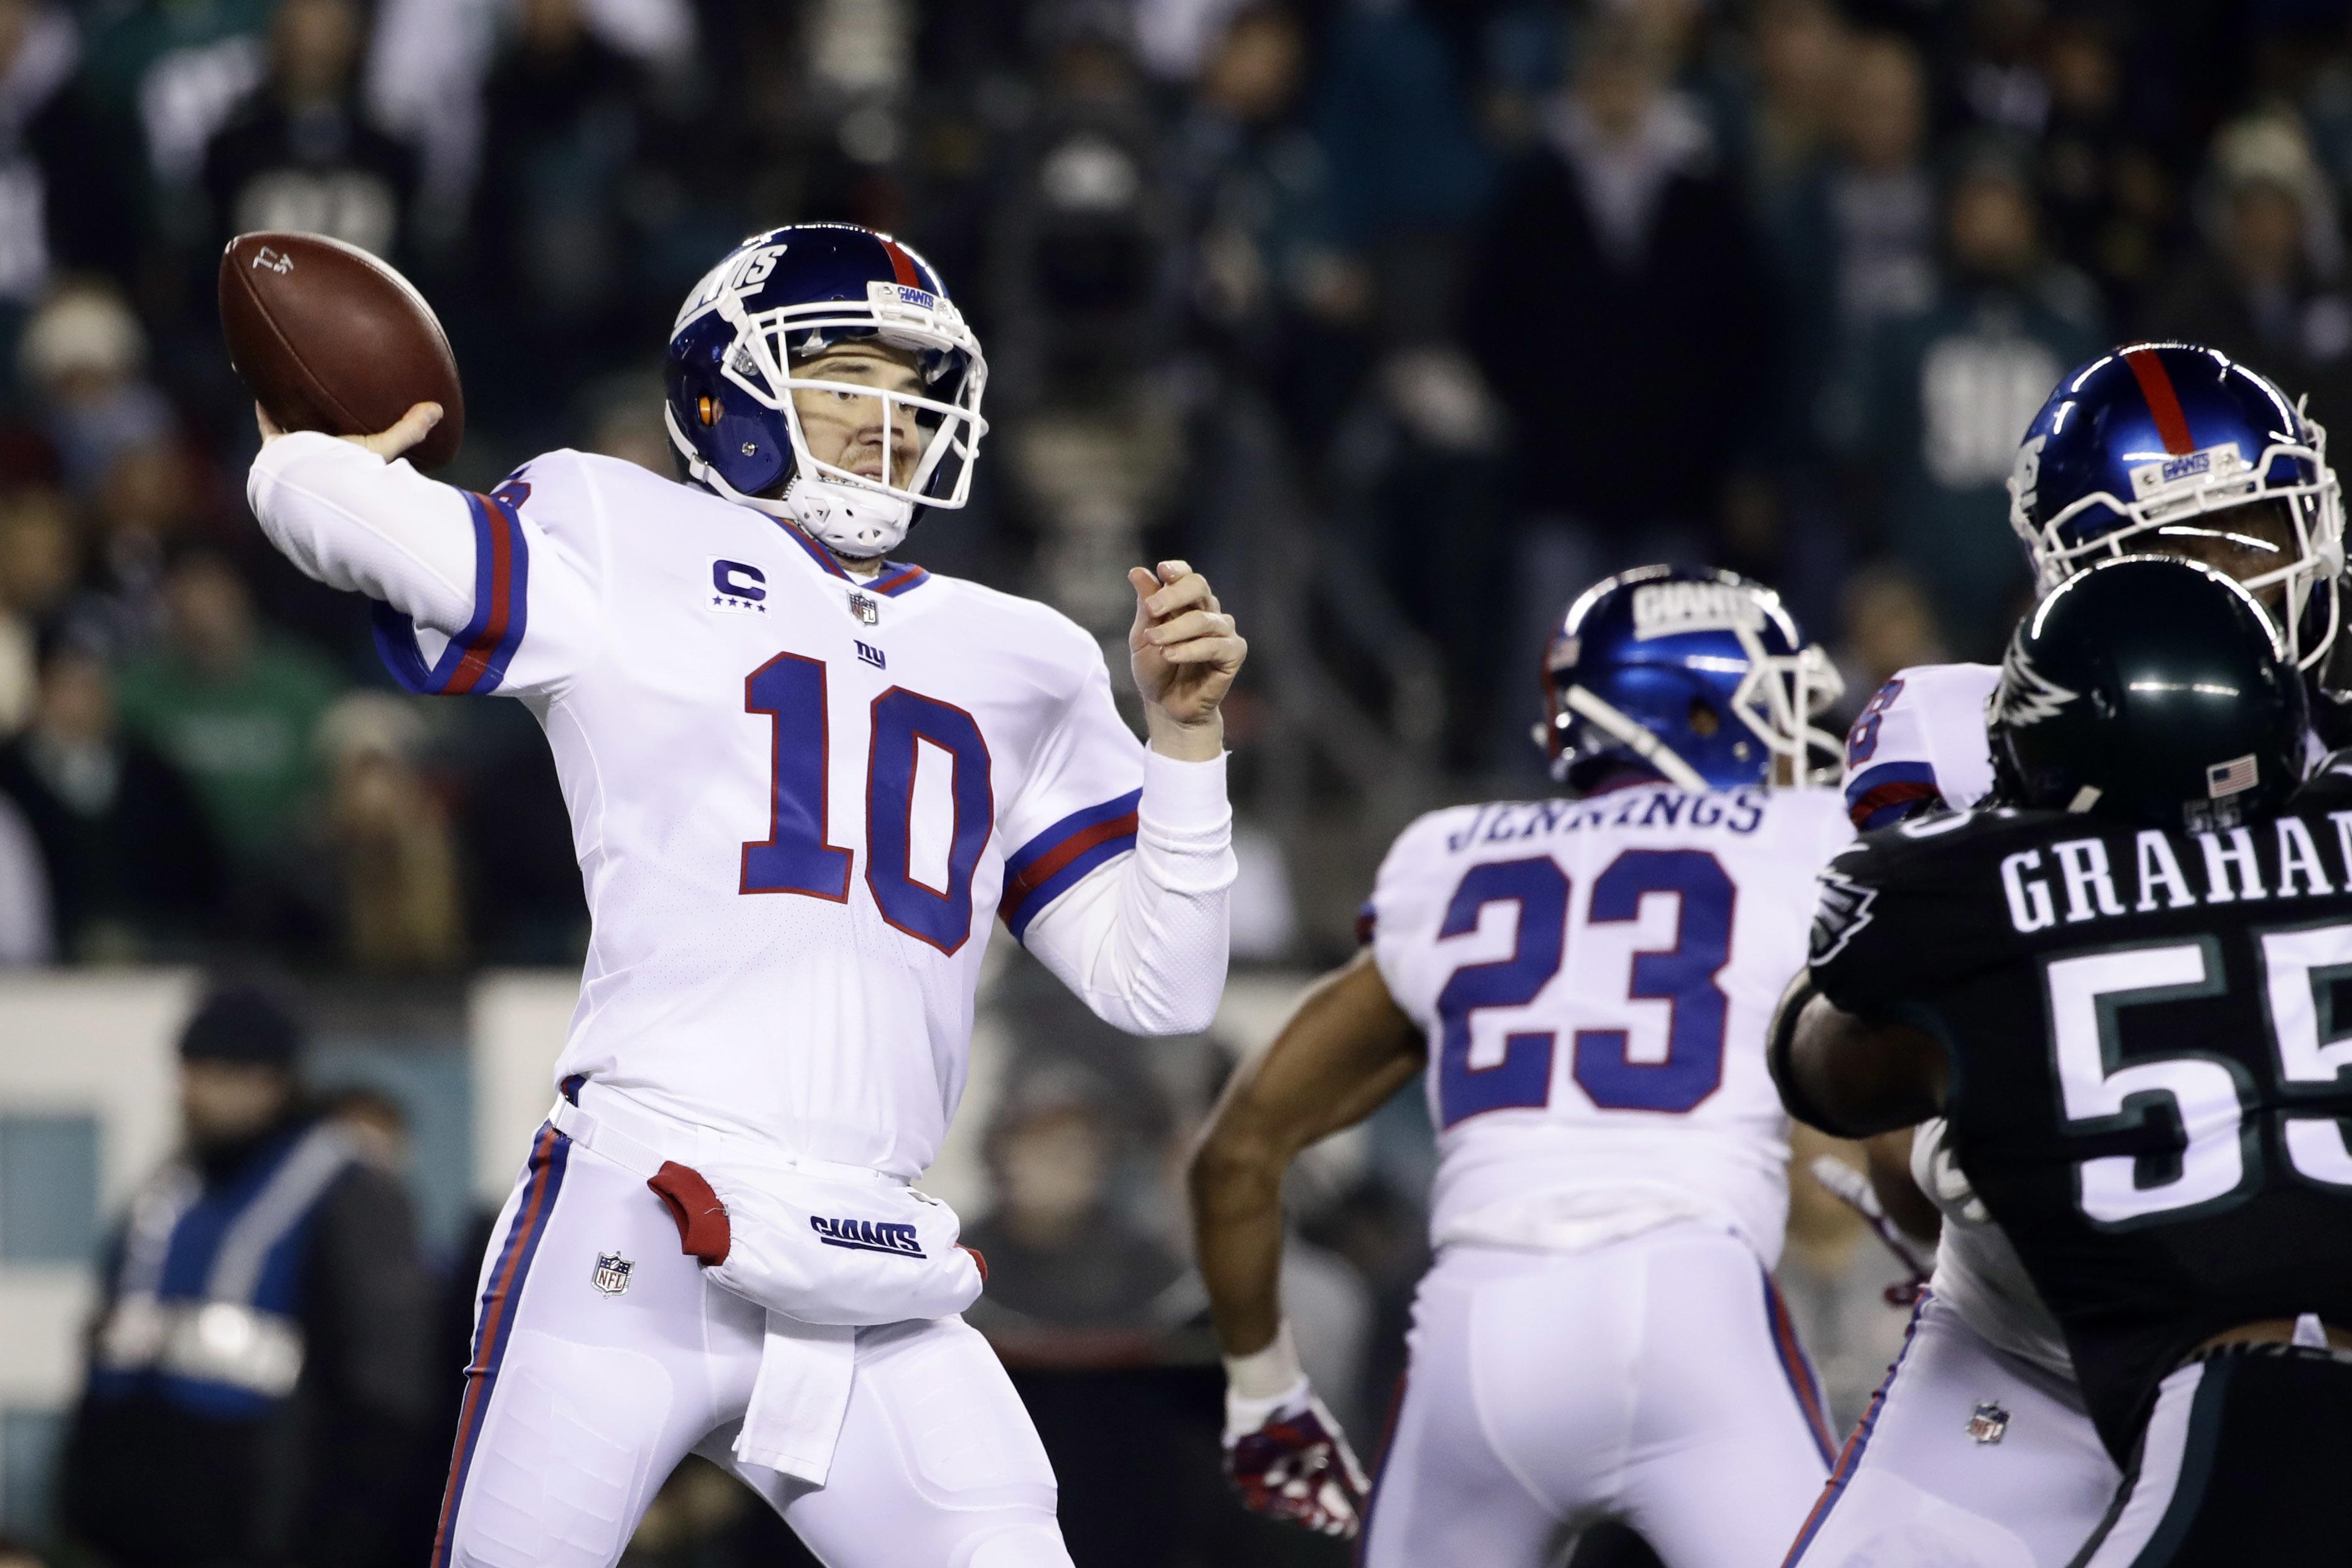 New York Giants' Eli Manning passes during the first half of an NFL football game against the Philadelphia Eagles, Thursday, Dec. 22, 2016, in Philadelphia. (AP Photo/Matt Rourke)